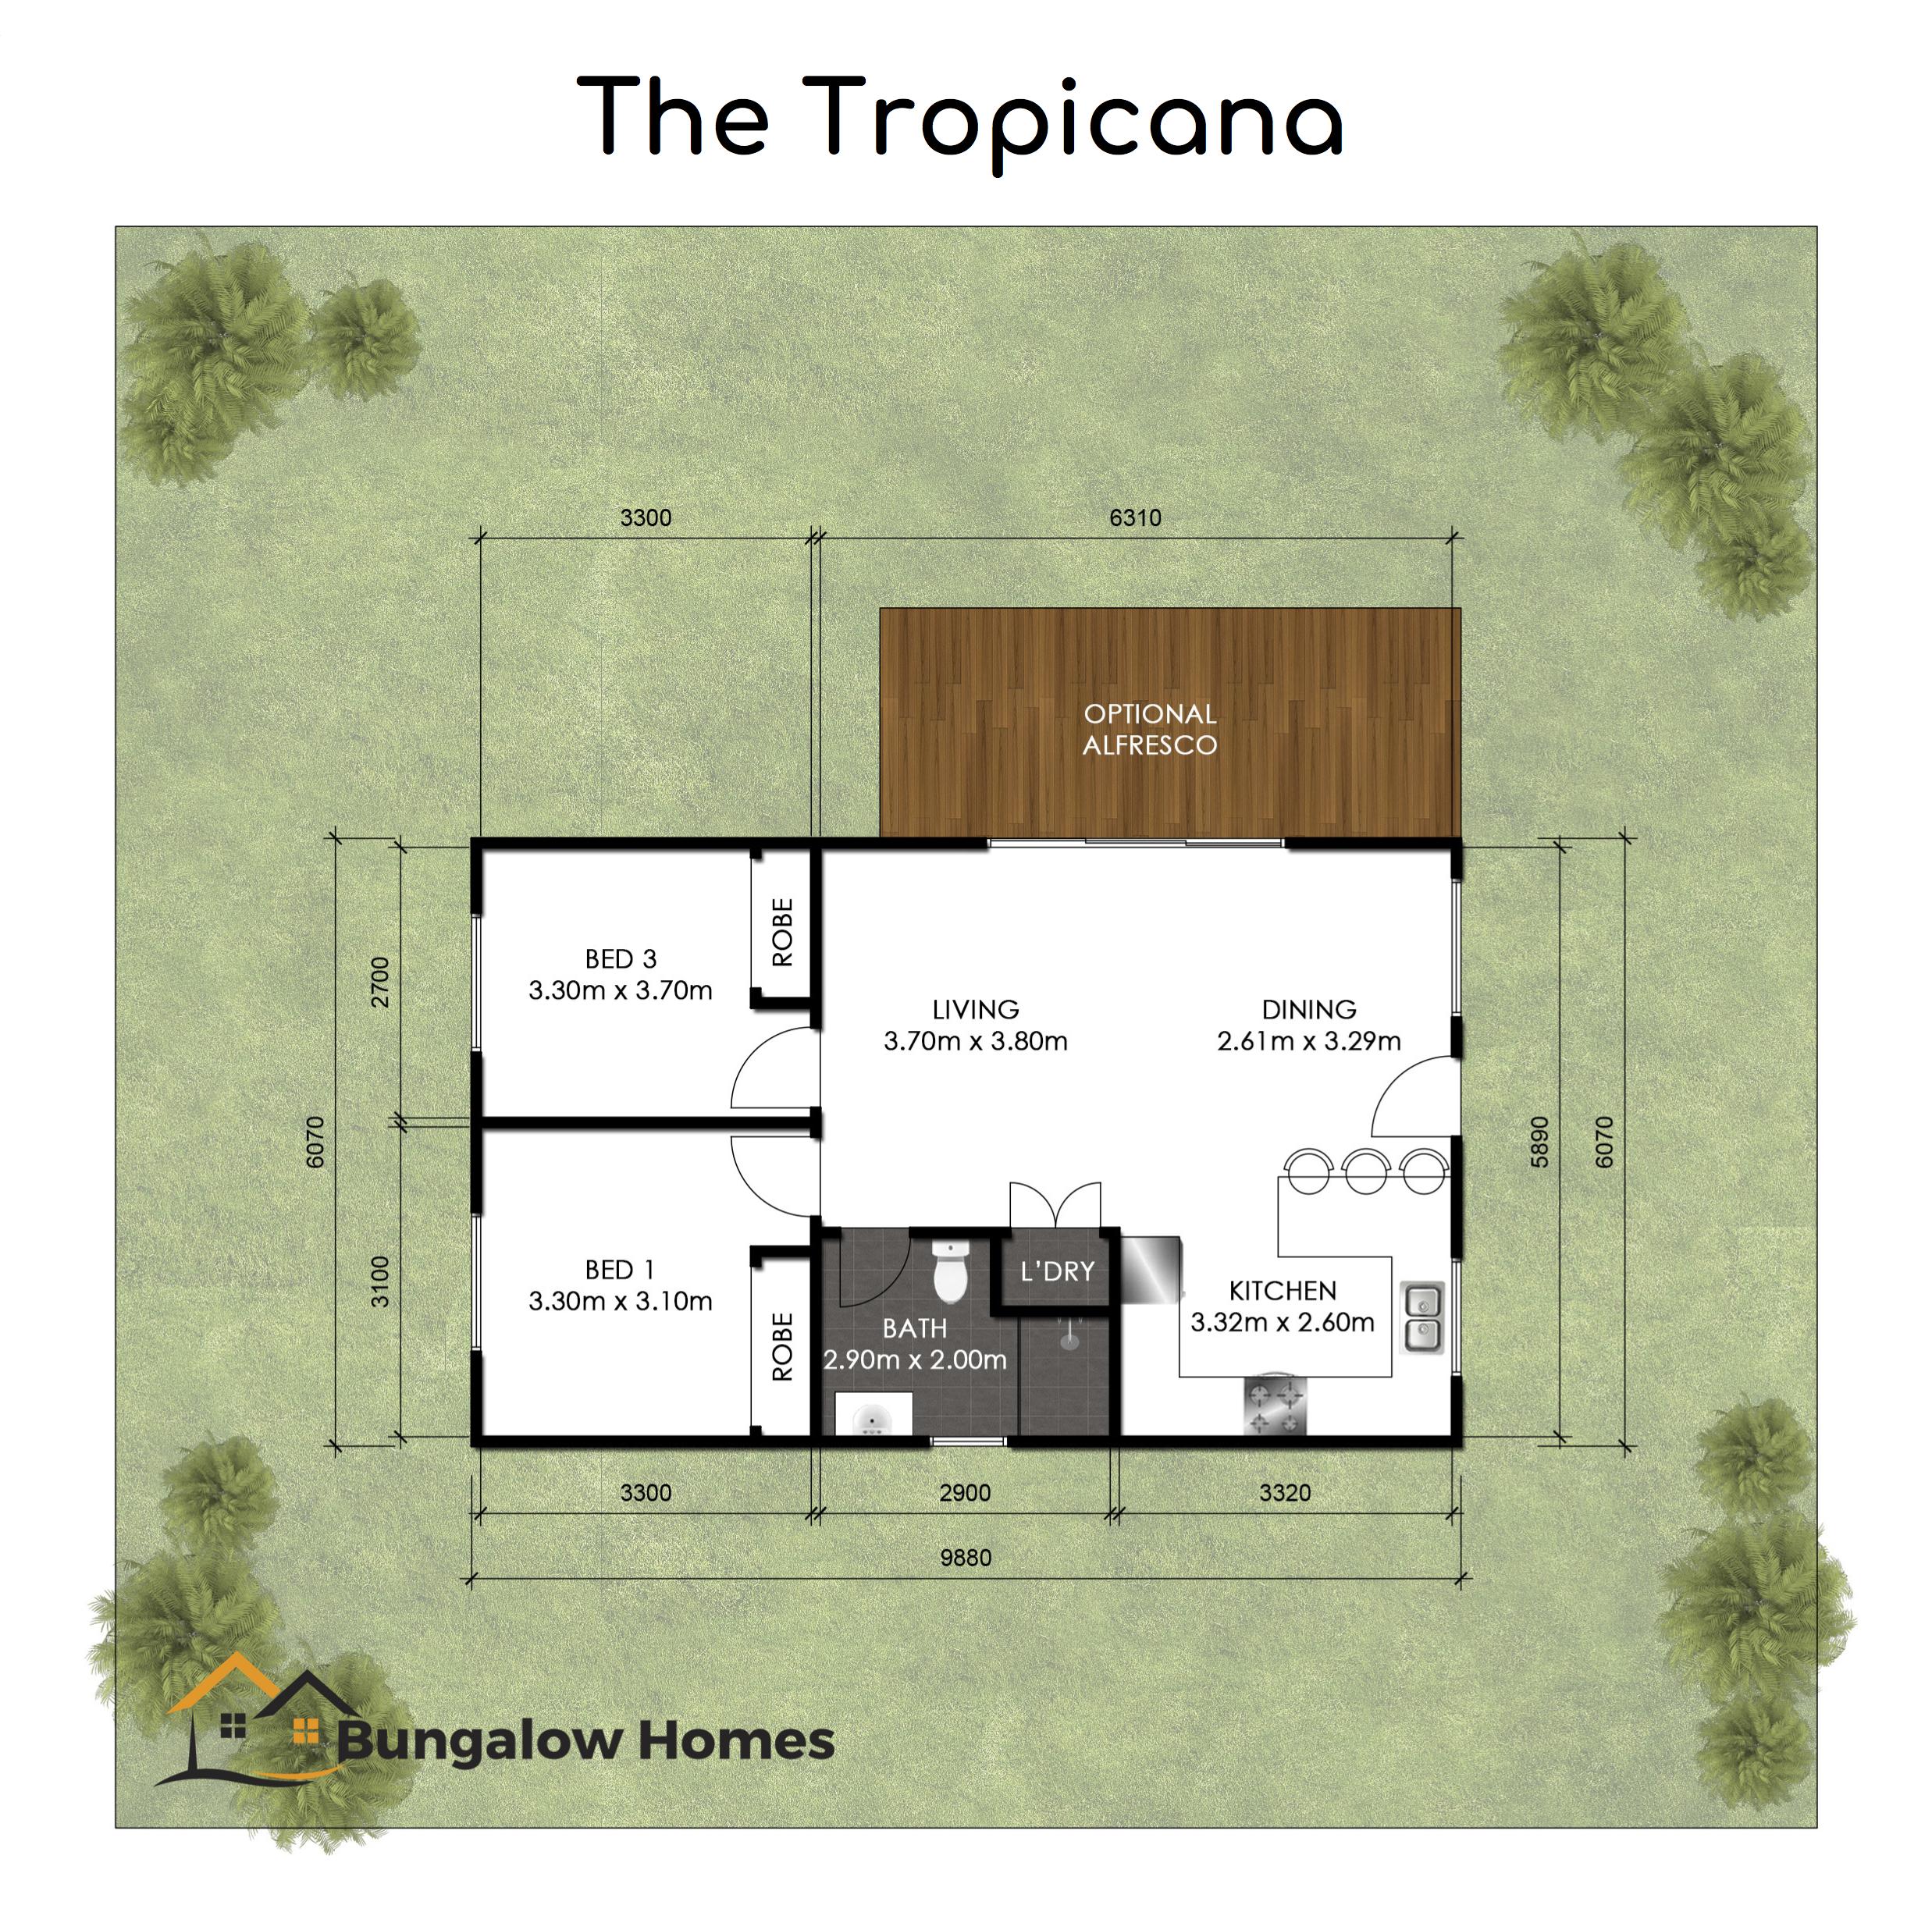 Tropicana Bungalow Homes Granny Flat Design Floor Plan.png